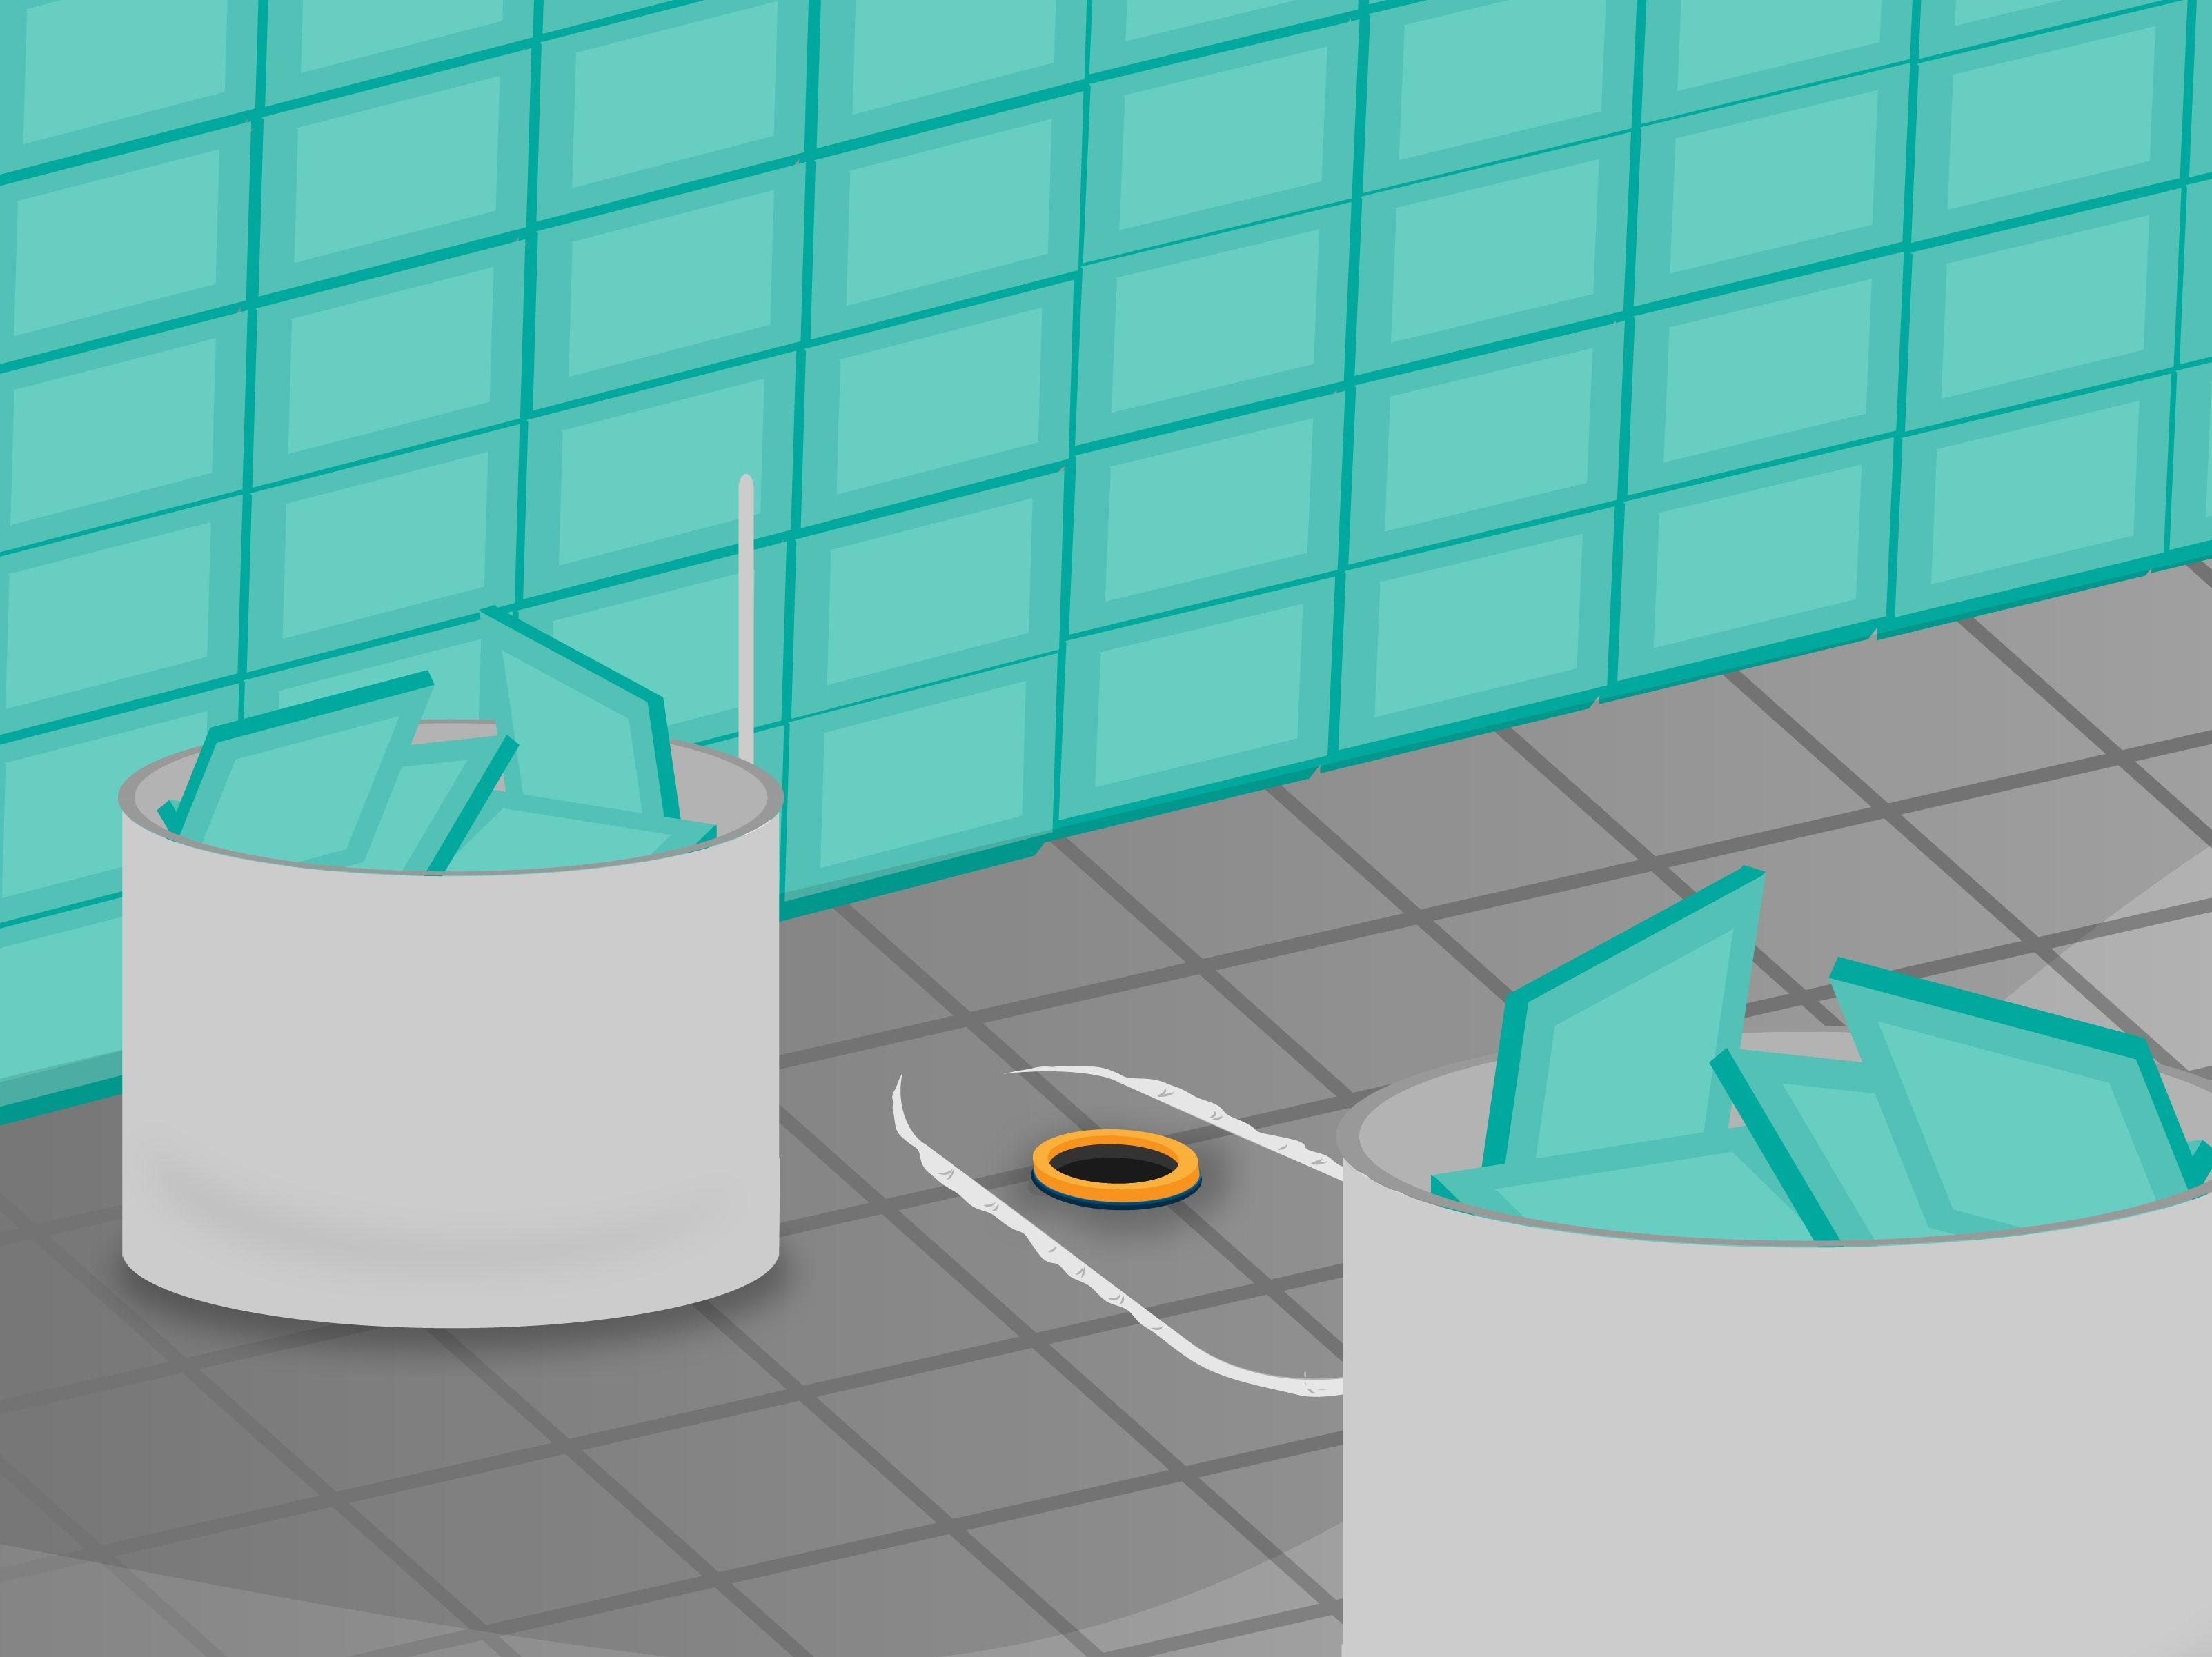 How to remove bathroom tile via tile